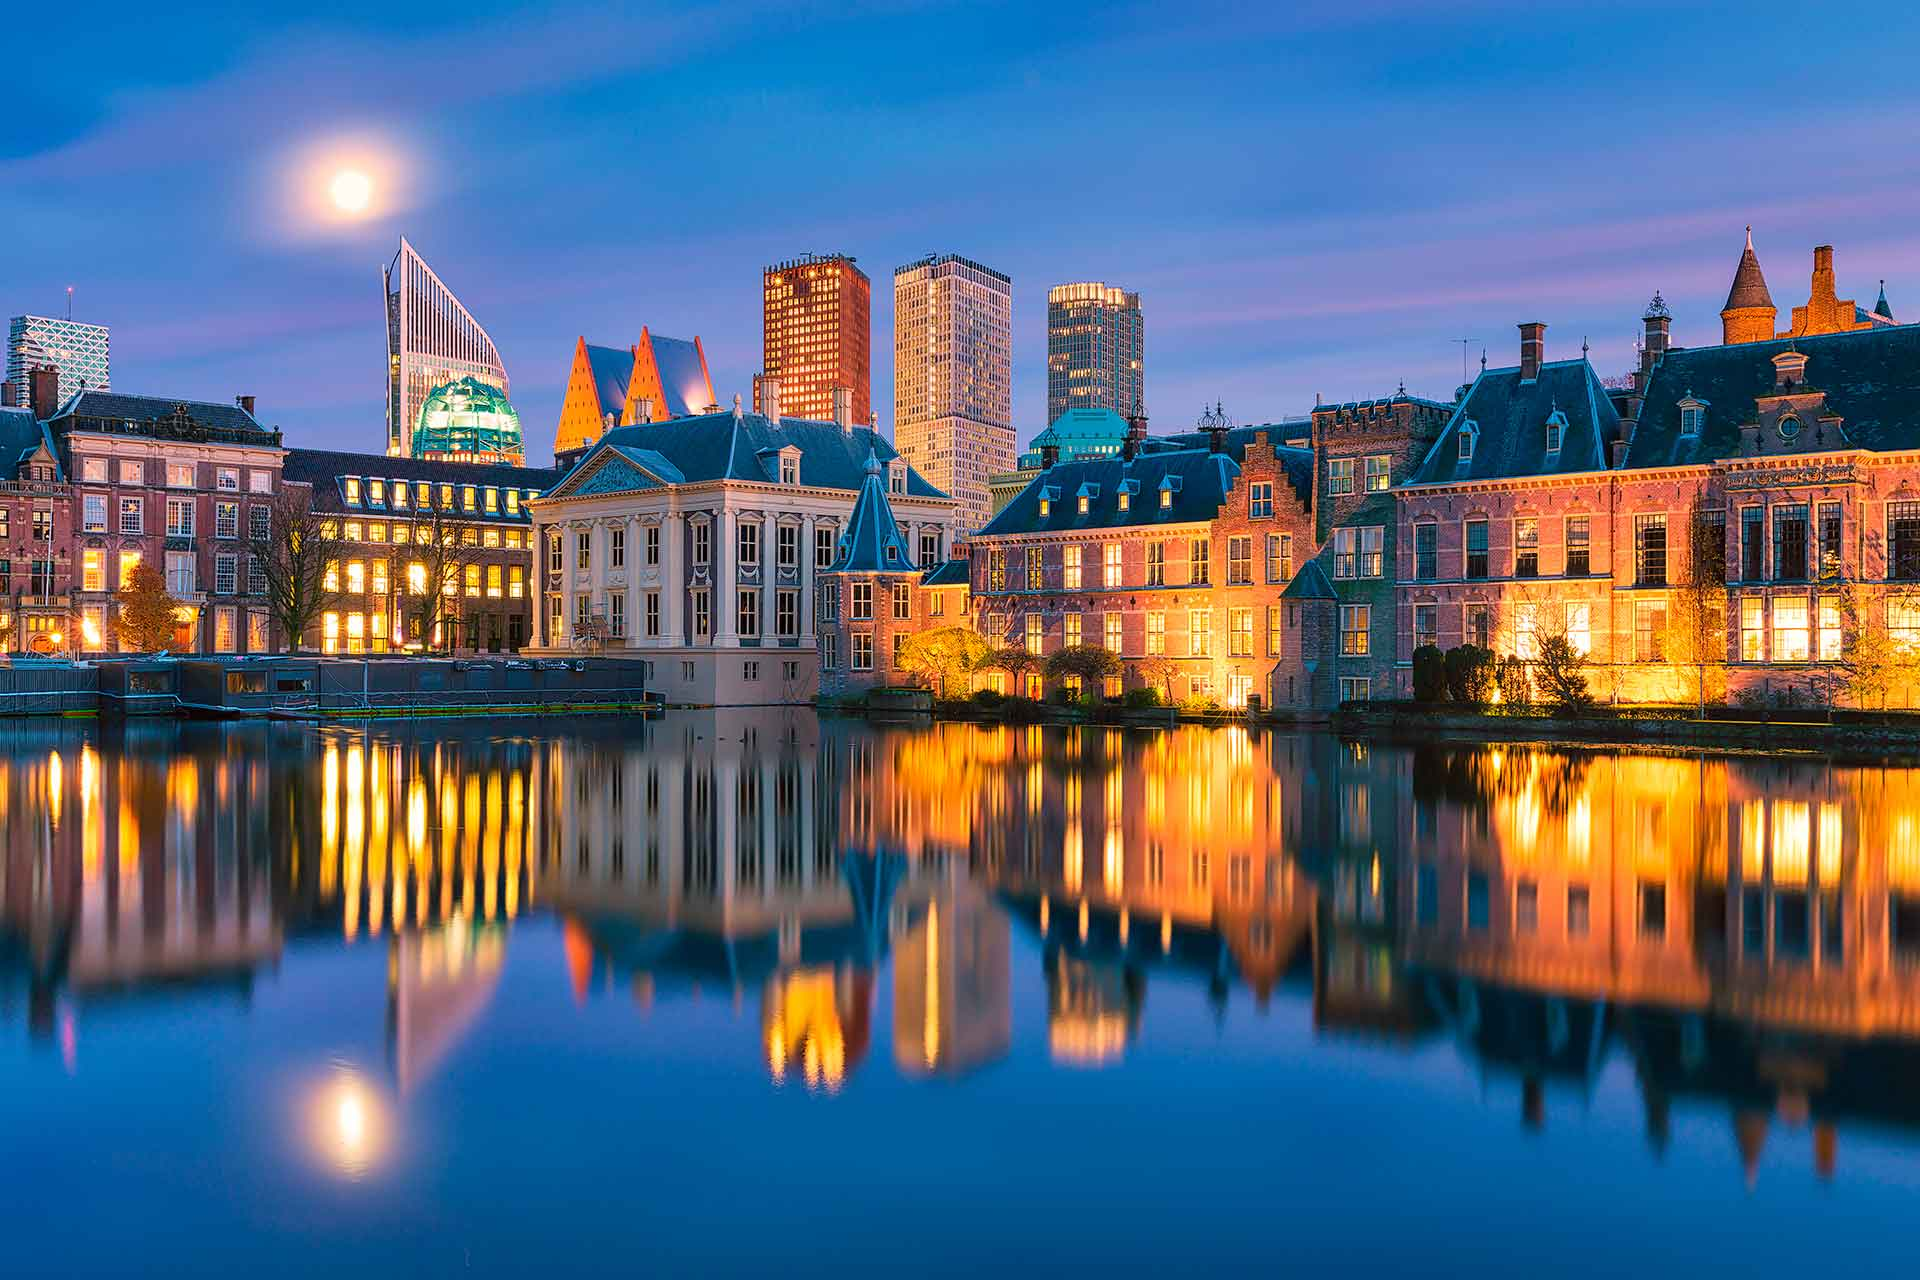 ciudad La Haya